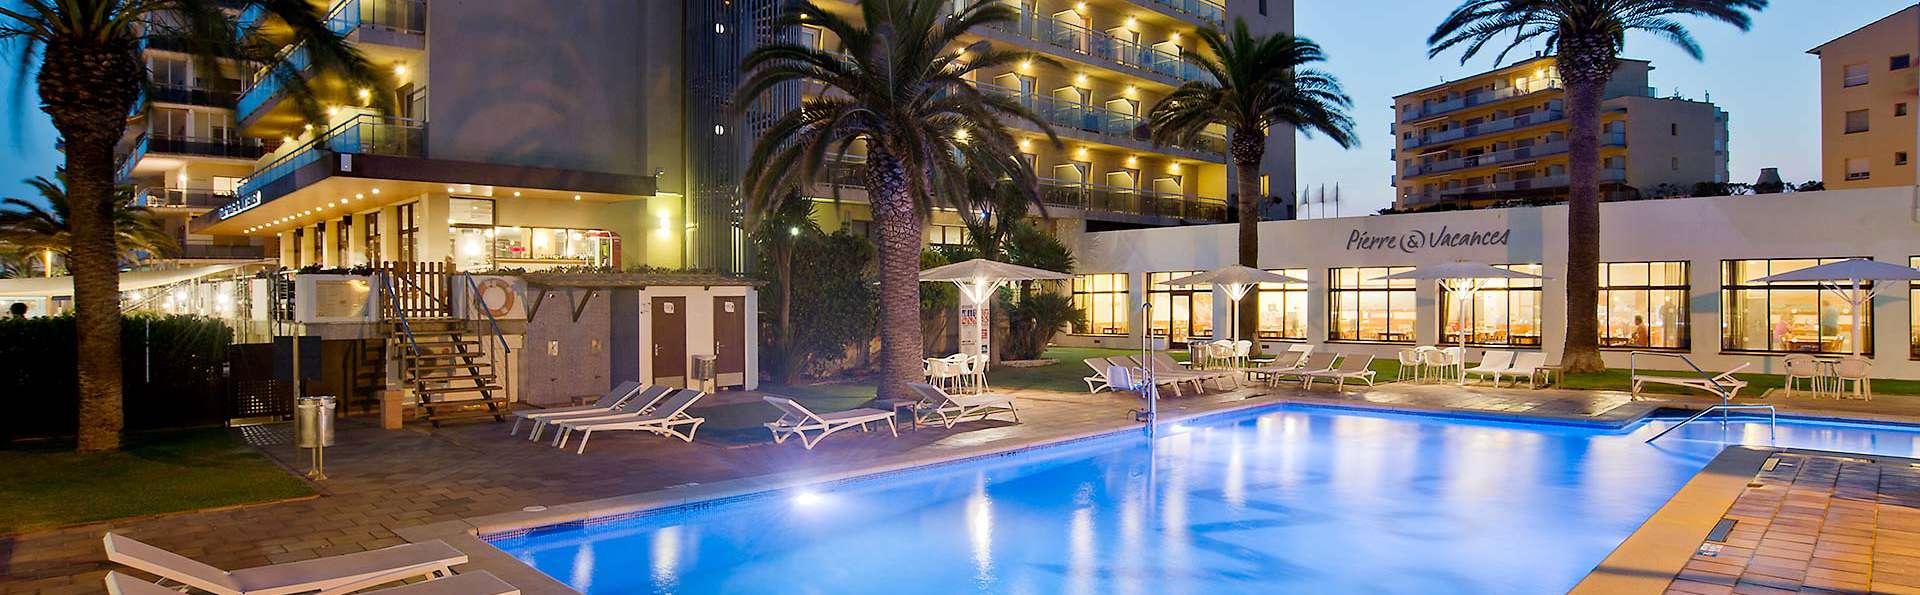 Hotel Monterrey Roses by Pierre & Vacances - EDIT_N2_POOL_01.jpg